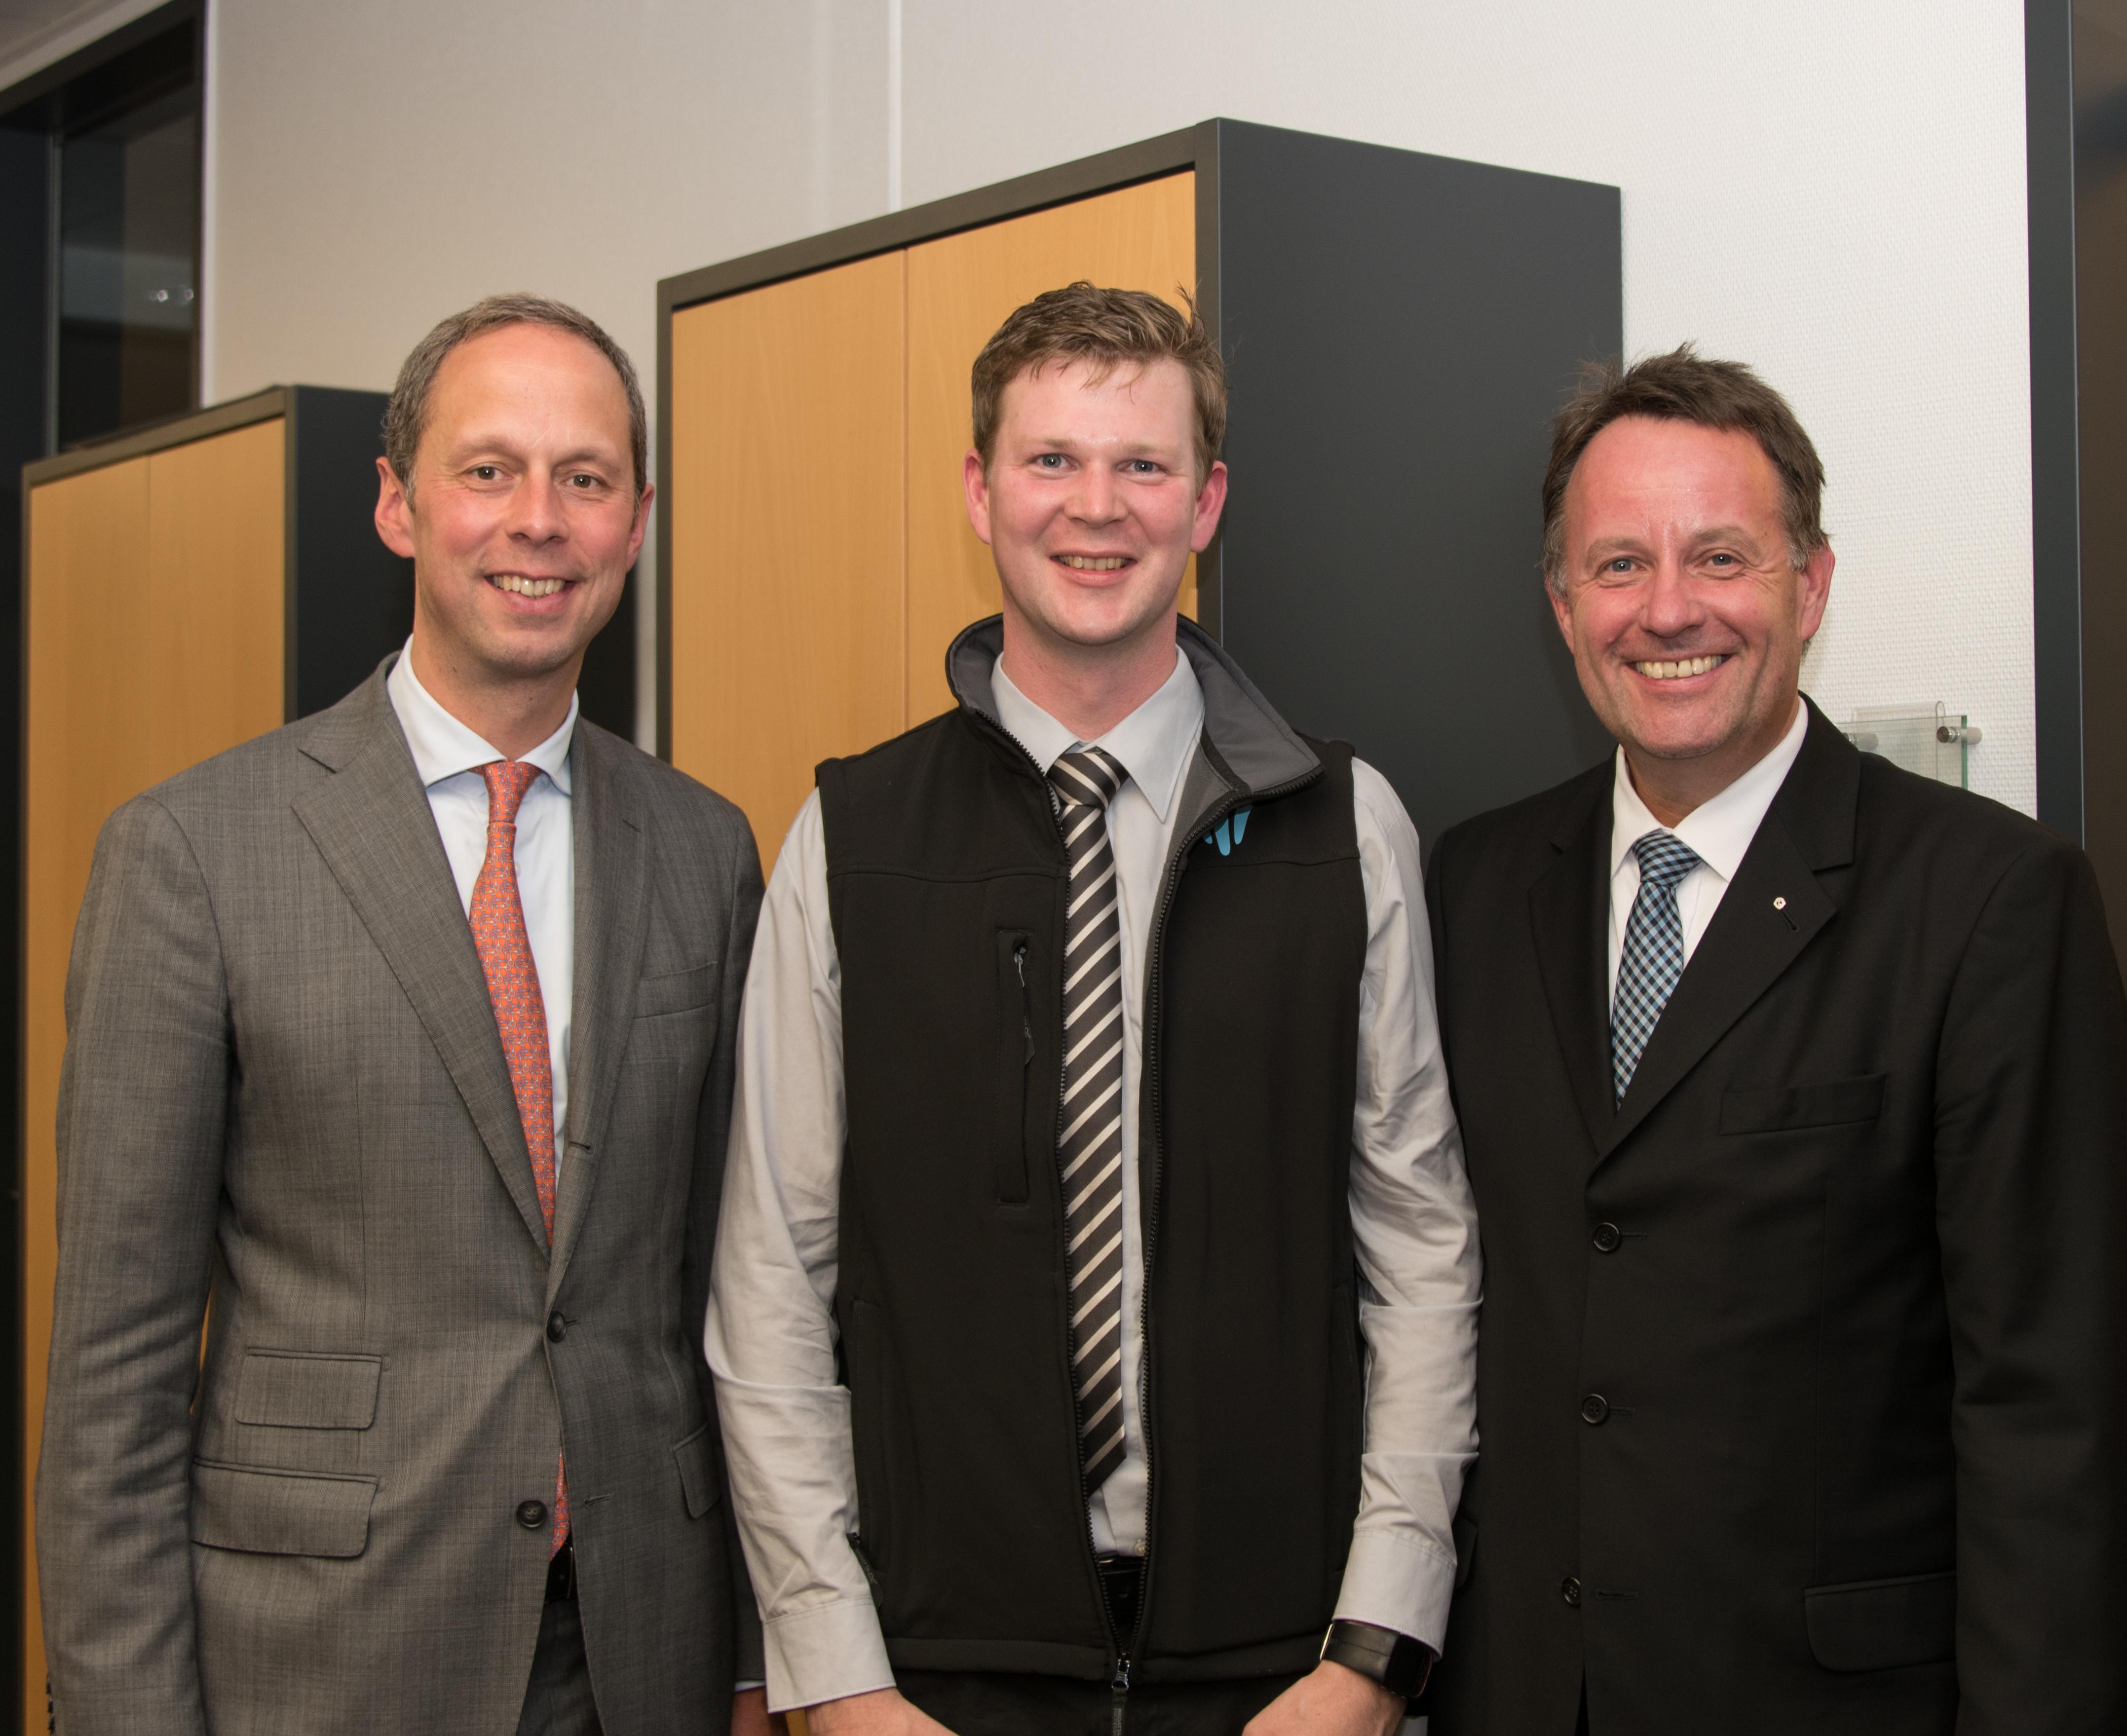 vl. Hendrik Hoppenstedt, Sebastian Cramer, Dirk Breuckmann